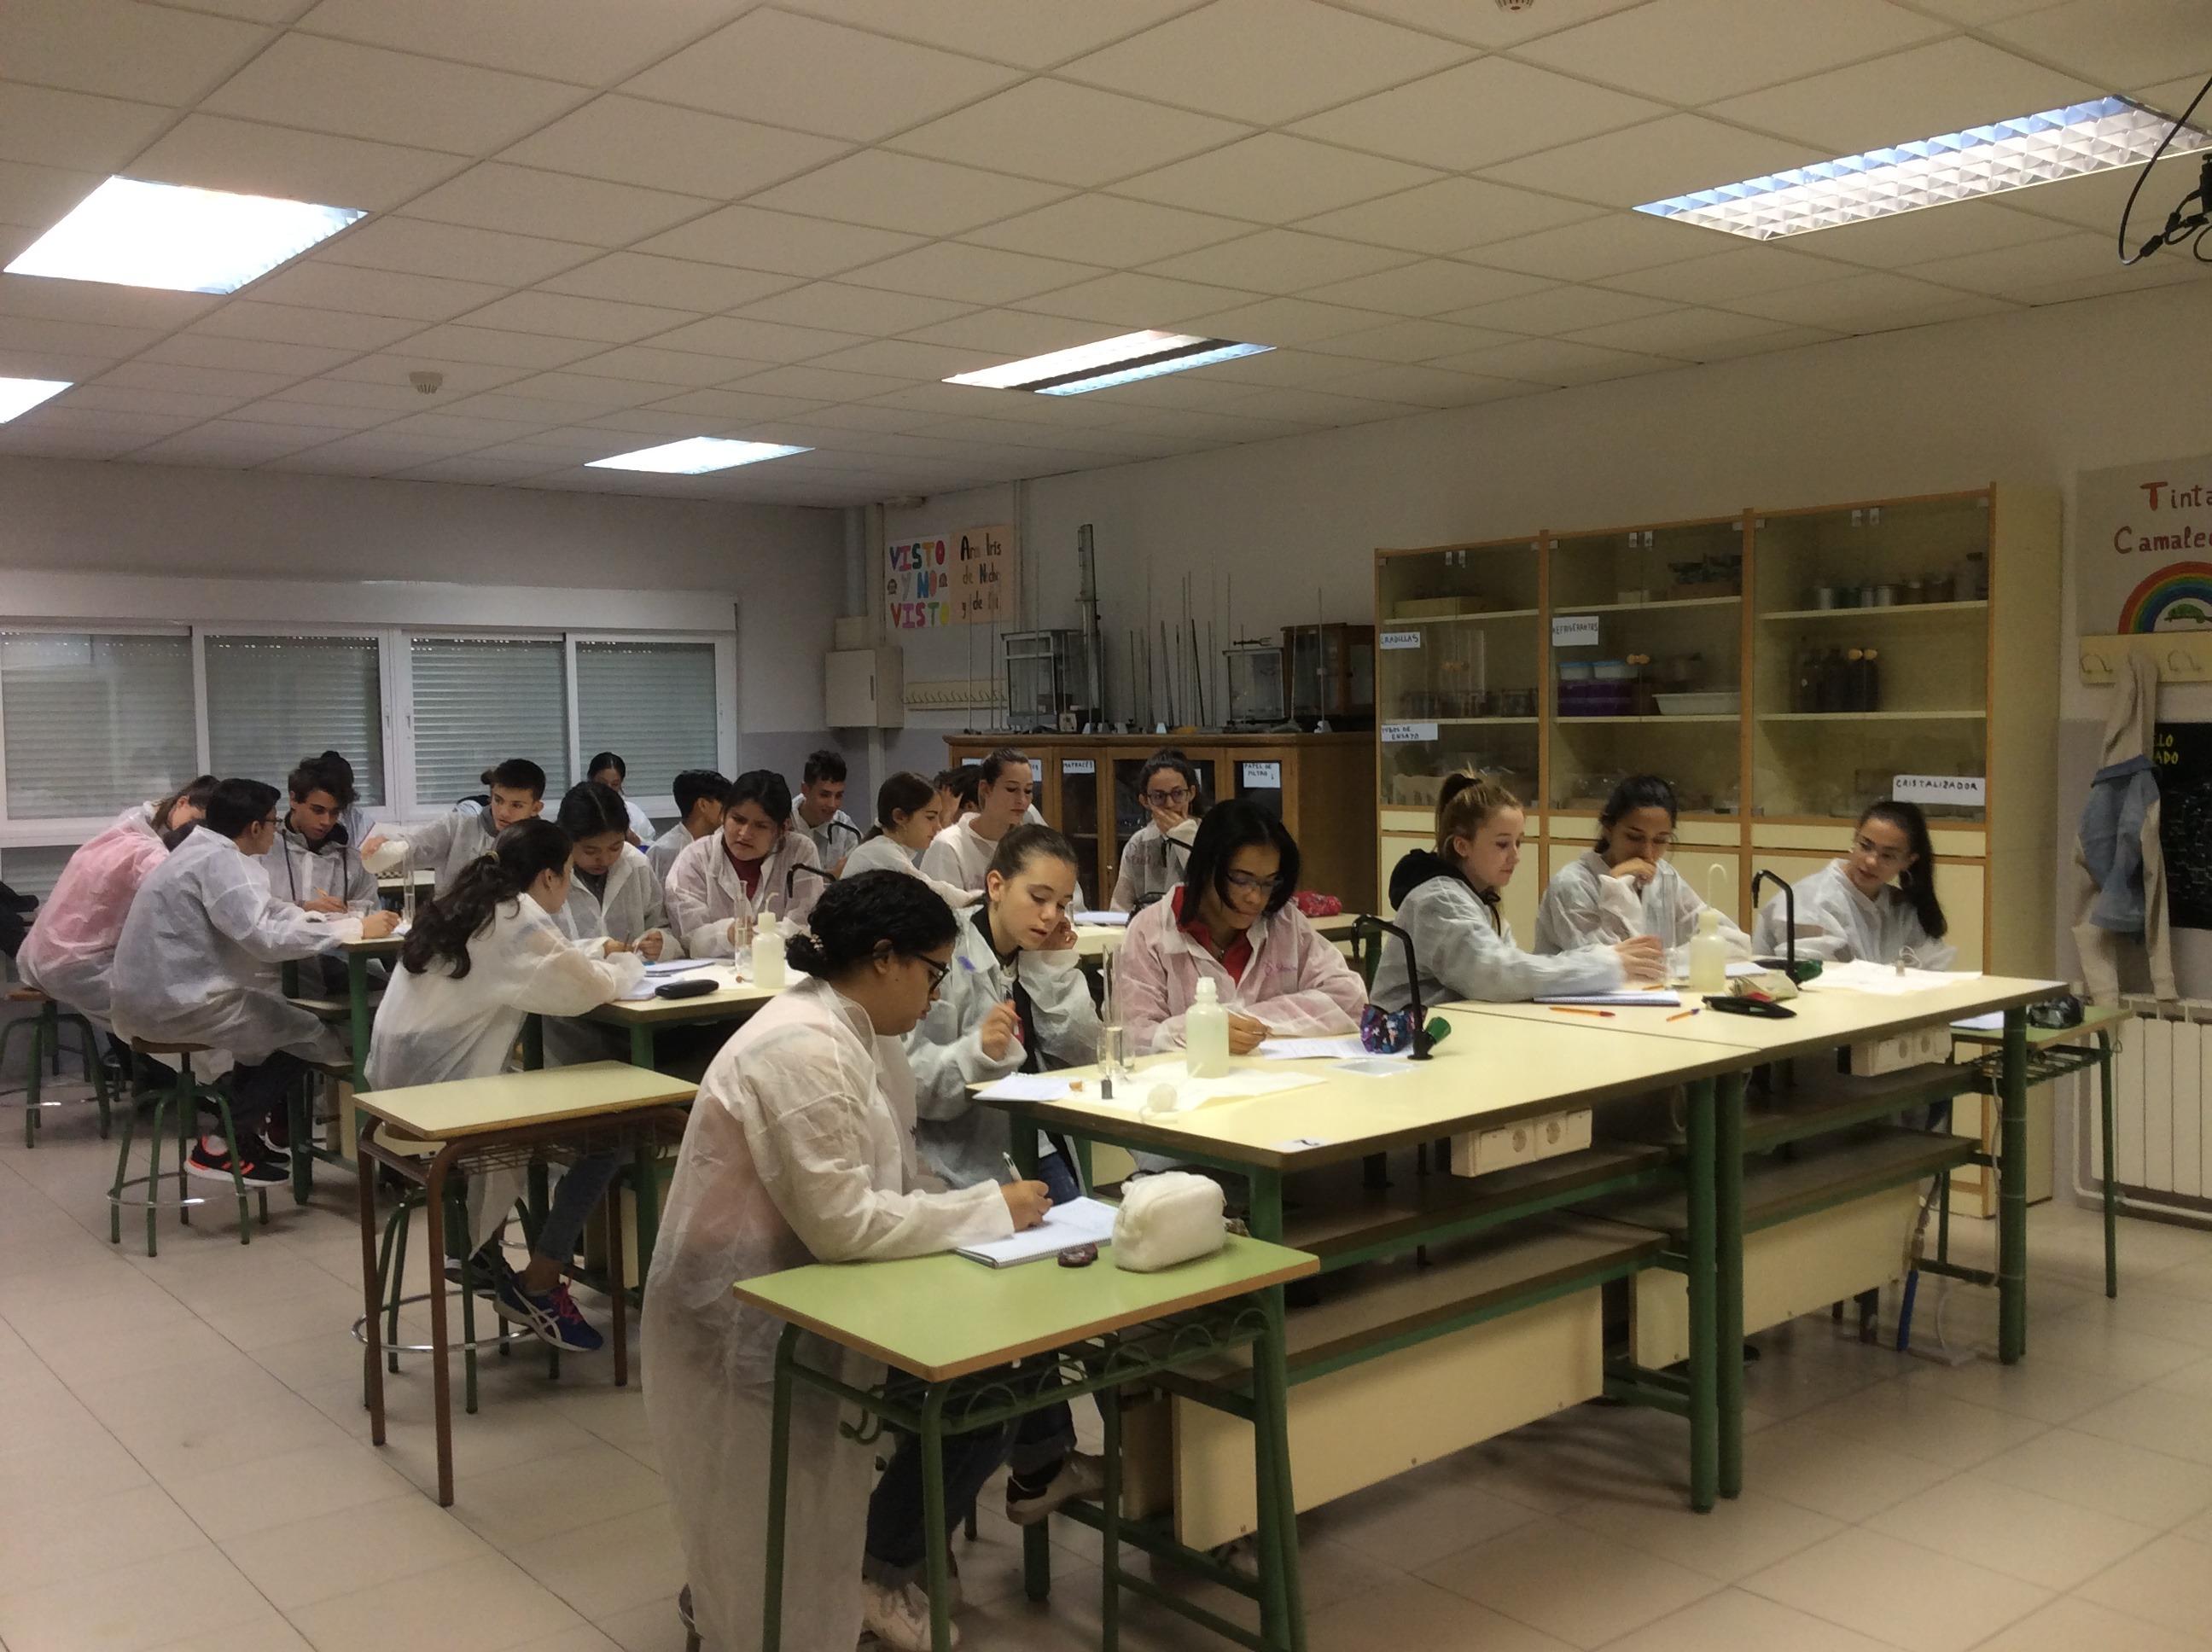 Fotos de Ampliación de Física y Química 4